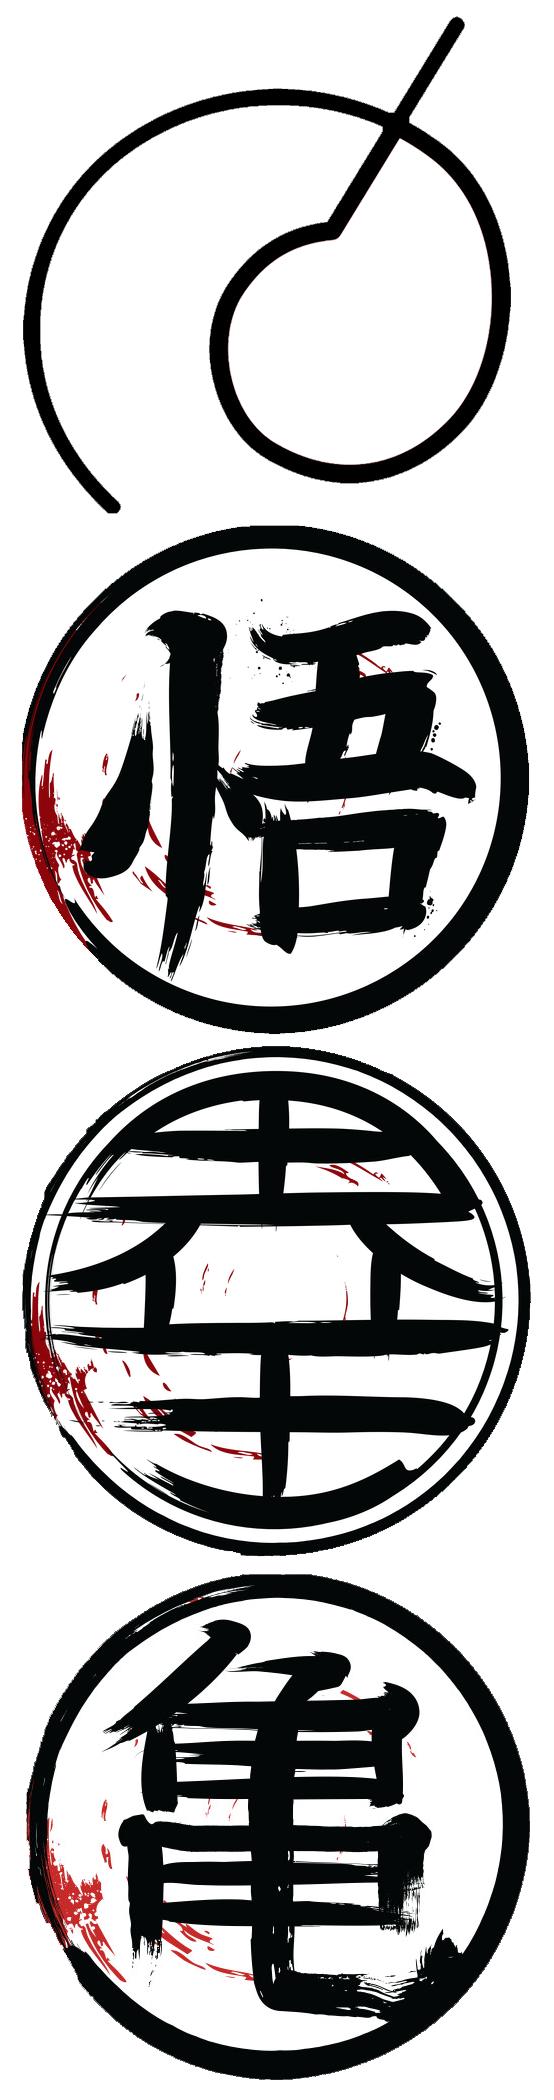 Tattoo Dbz Tattoo Ideas Pinterest Dragon Ball Dragon And